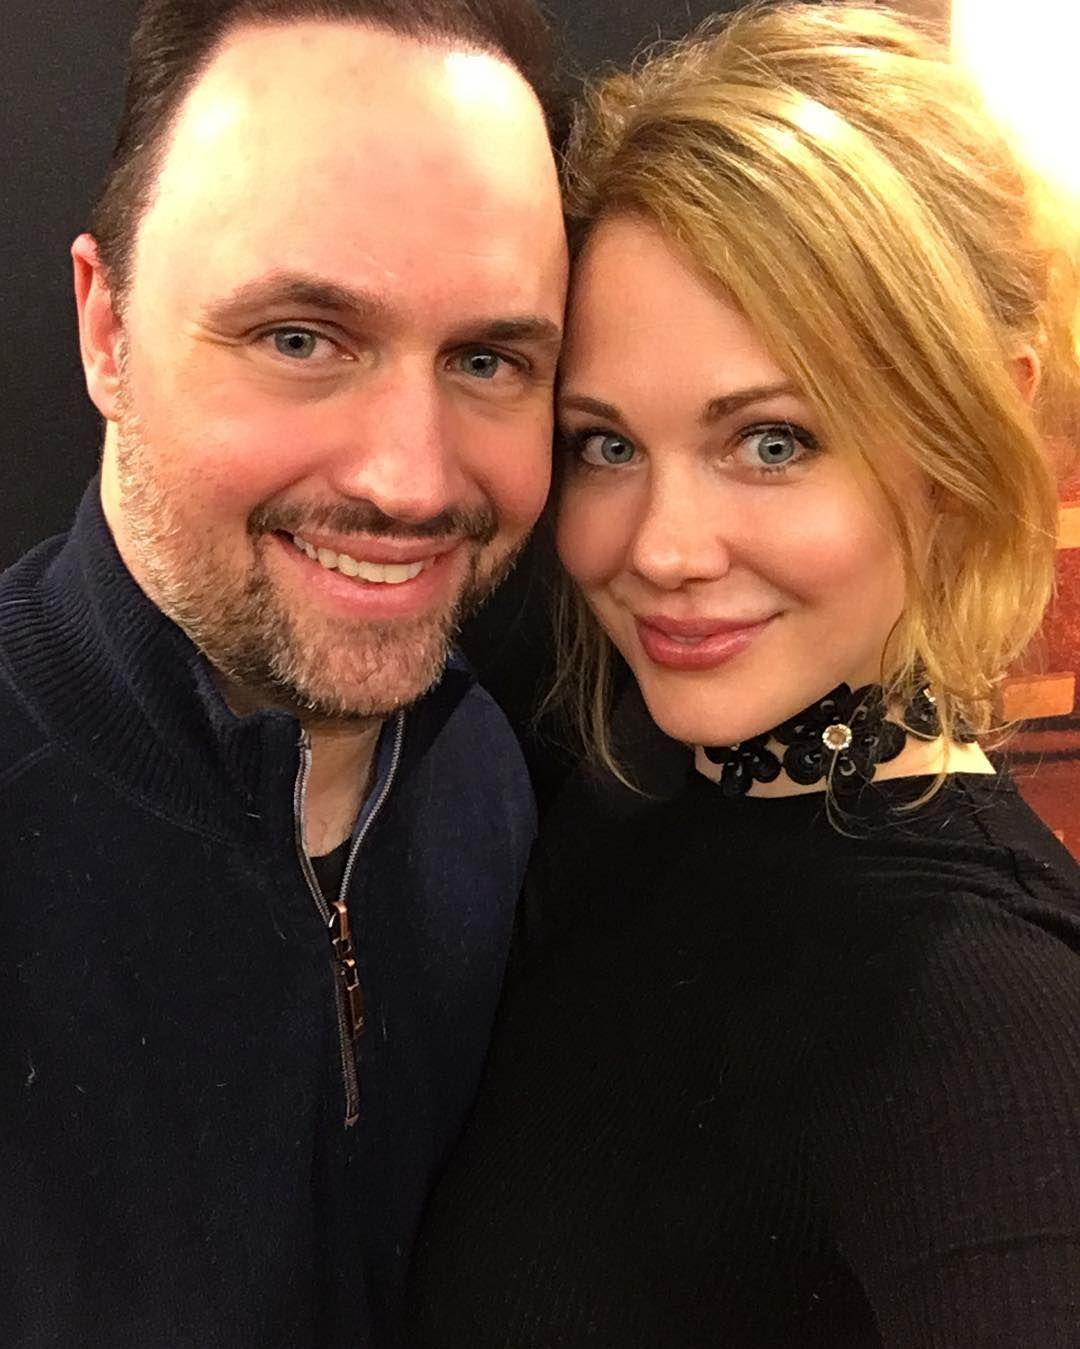 Exclusive De echtgenoot van Maitland Ward is 'zeer ondersteunend' van haar carrière in de volwassen film - en een 'goede fotograaf'!